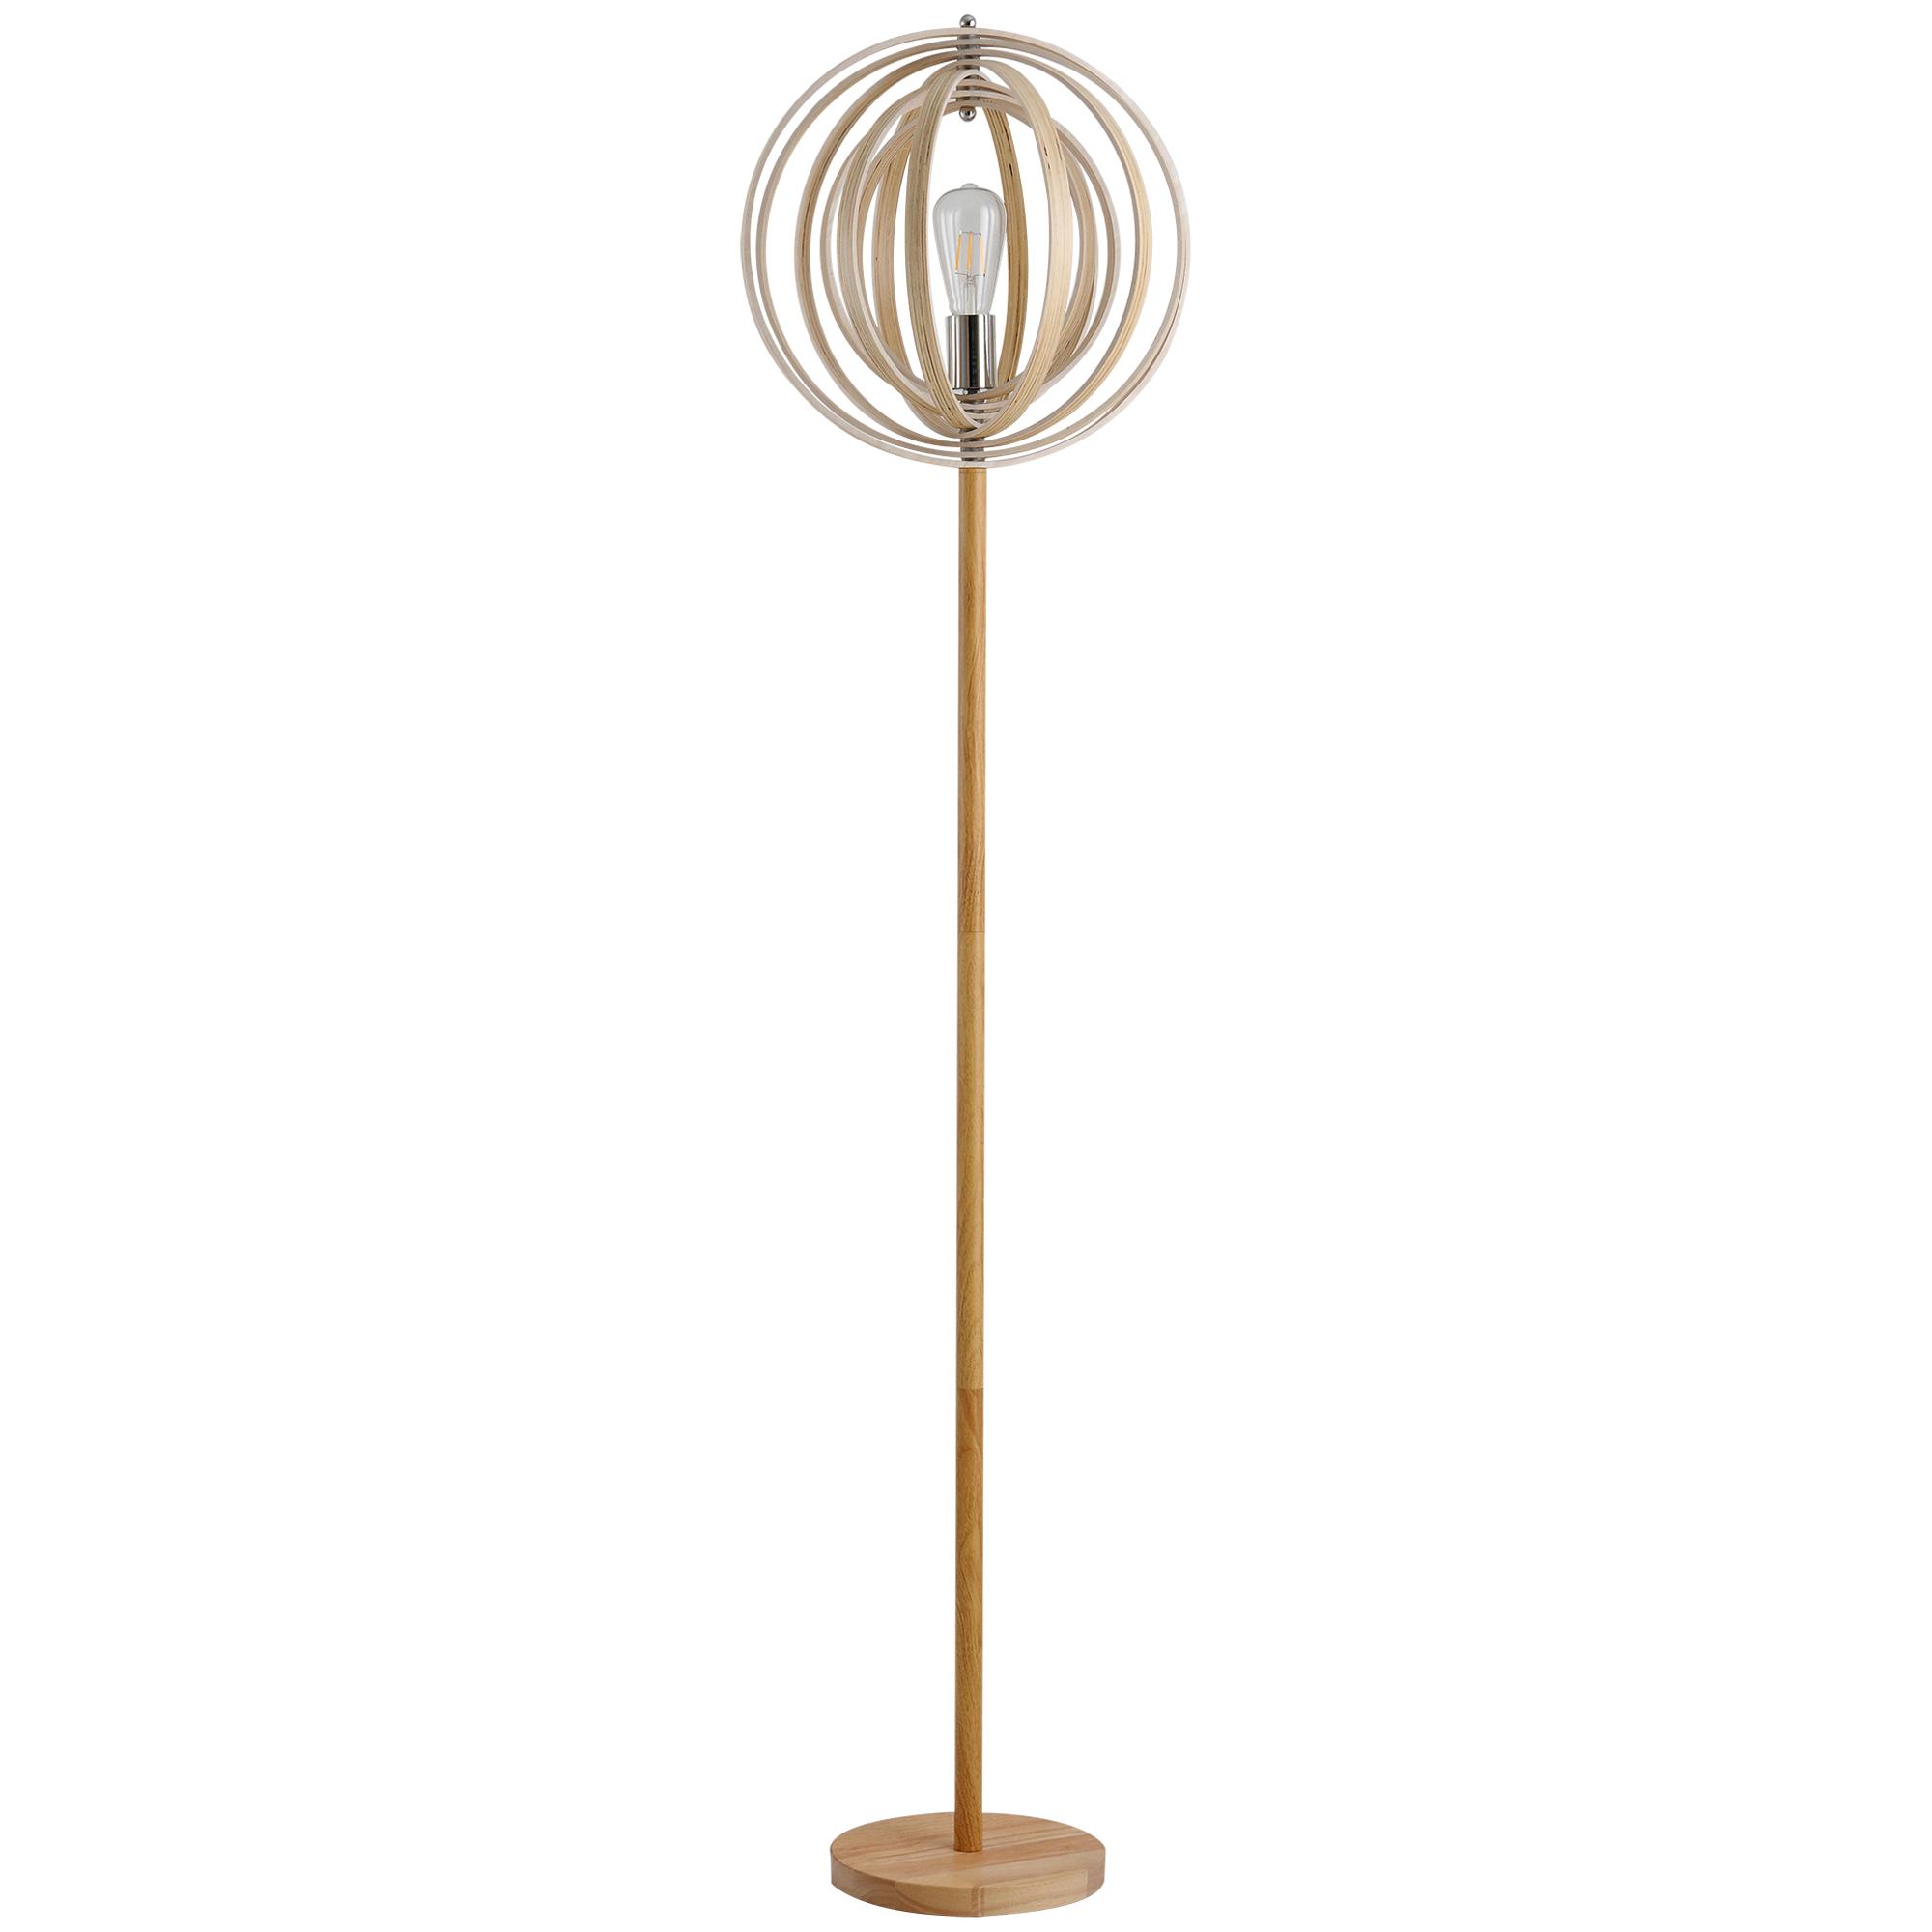 Lampadaire sur pied circulaire bois naturel clair H160 cm